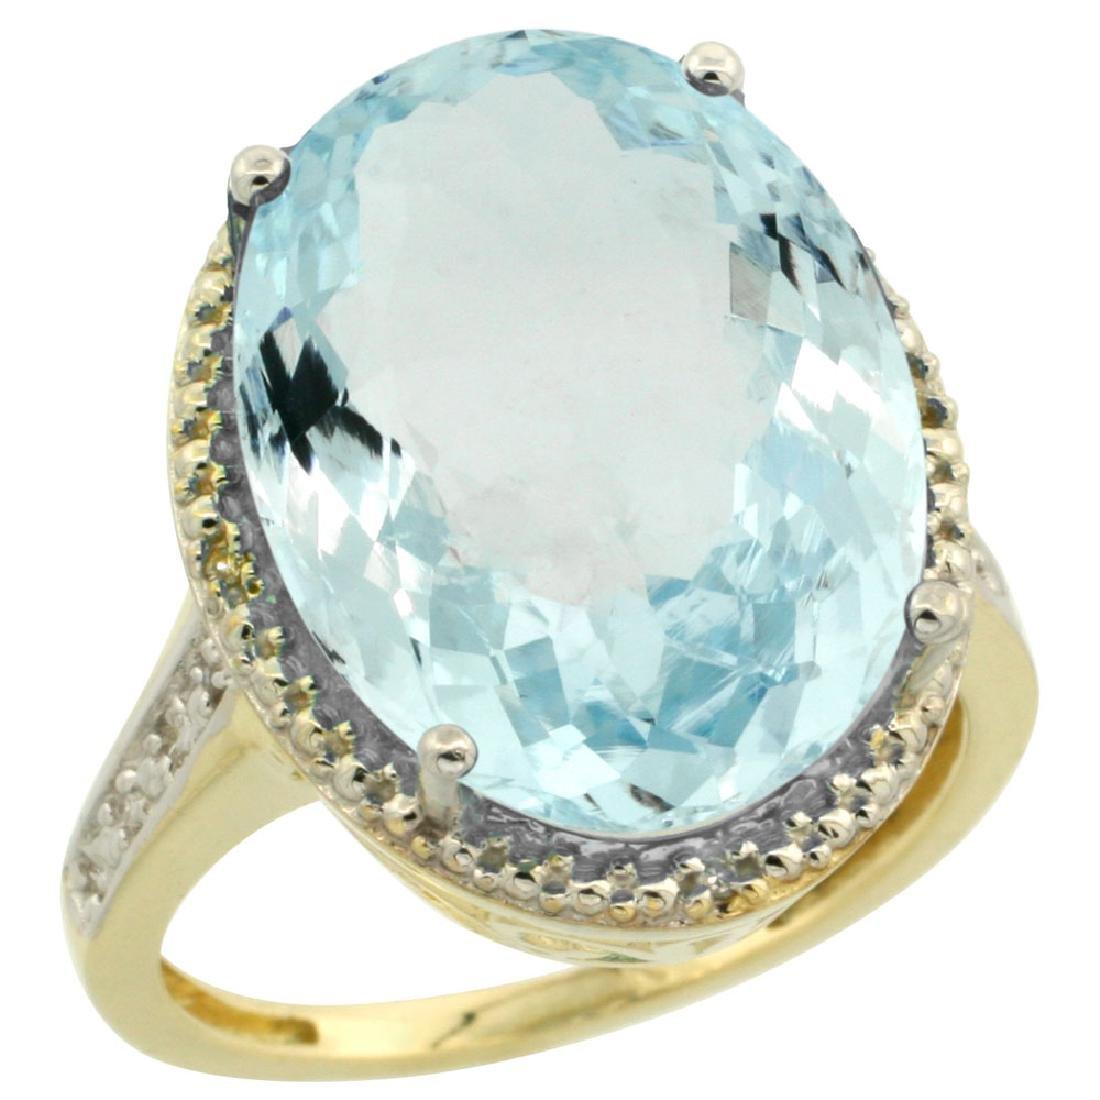 Natural 13.6 ctw Aquamarine & Diamond Engagement Ring